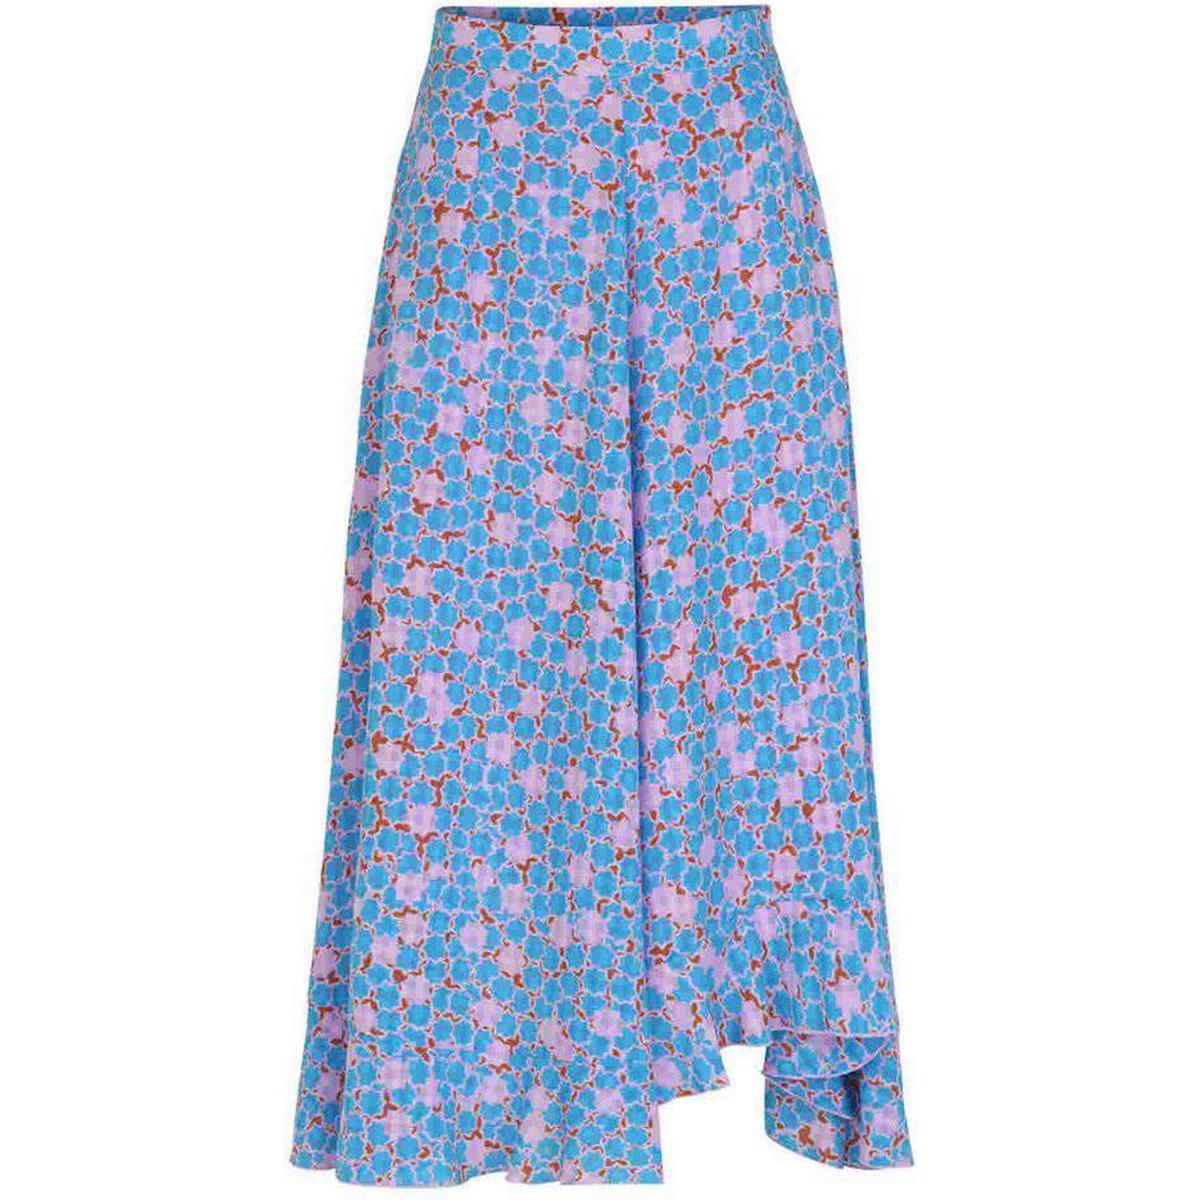 079671b5723 Dametøj - Sammenlign priser på dametøj hos PriceRunner